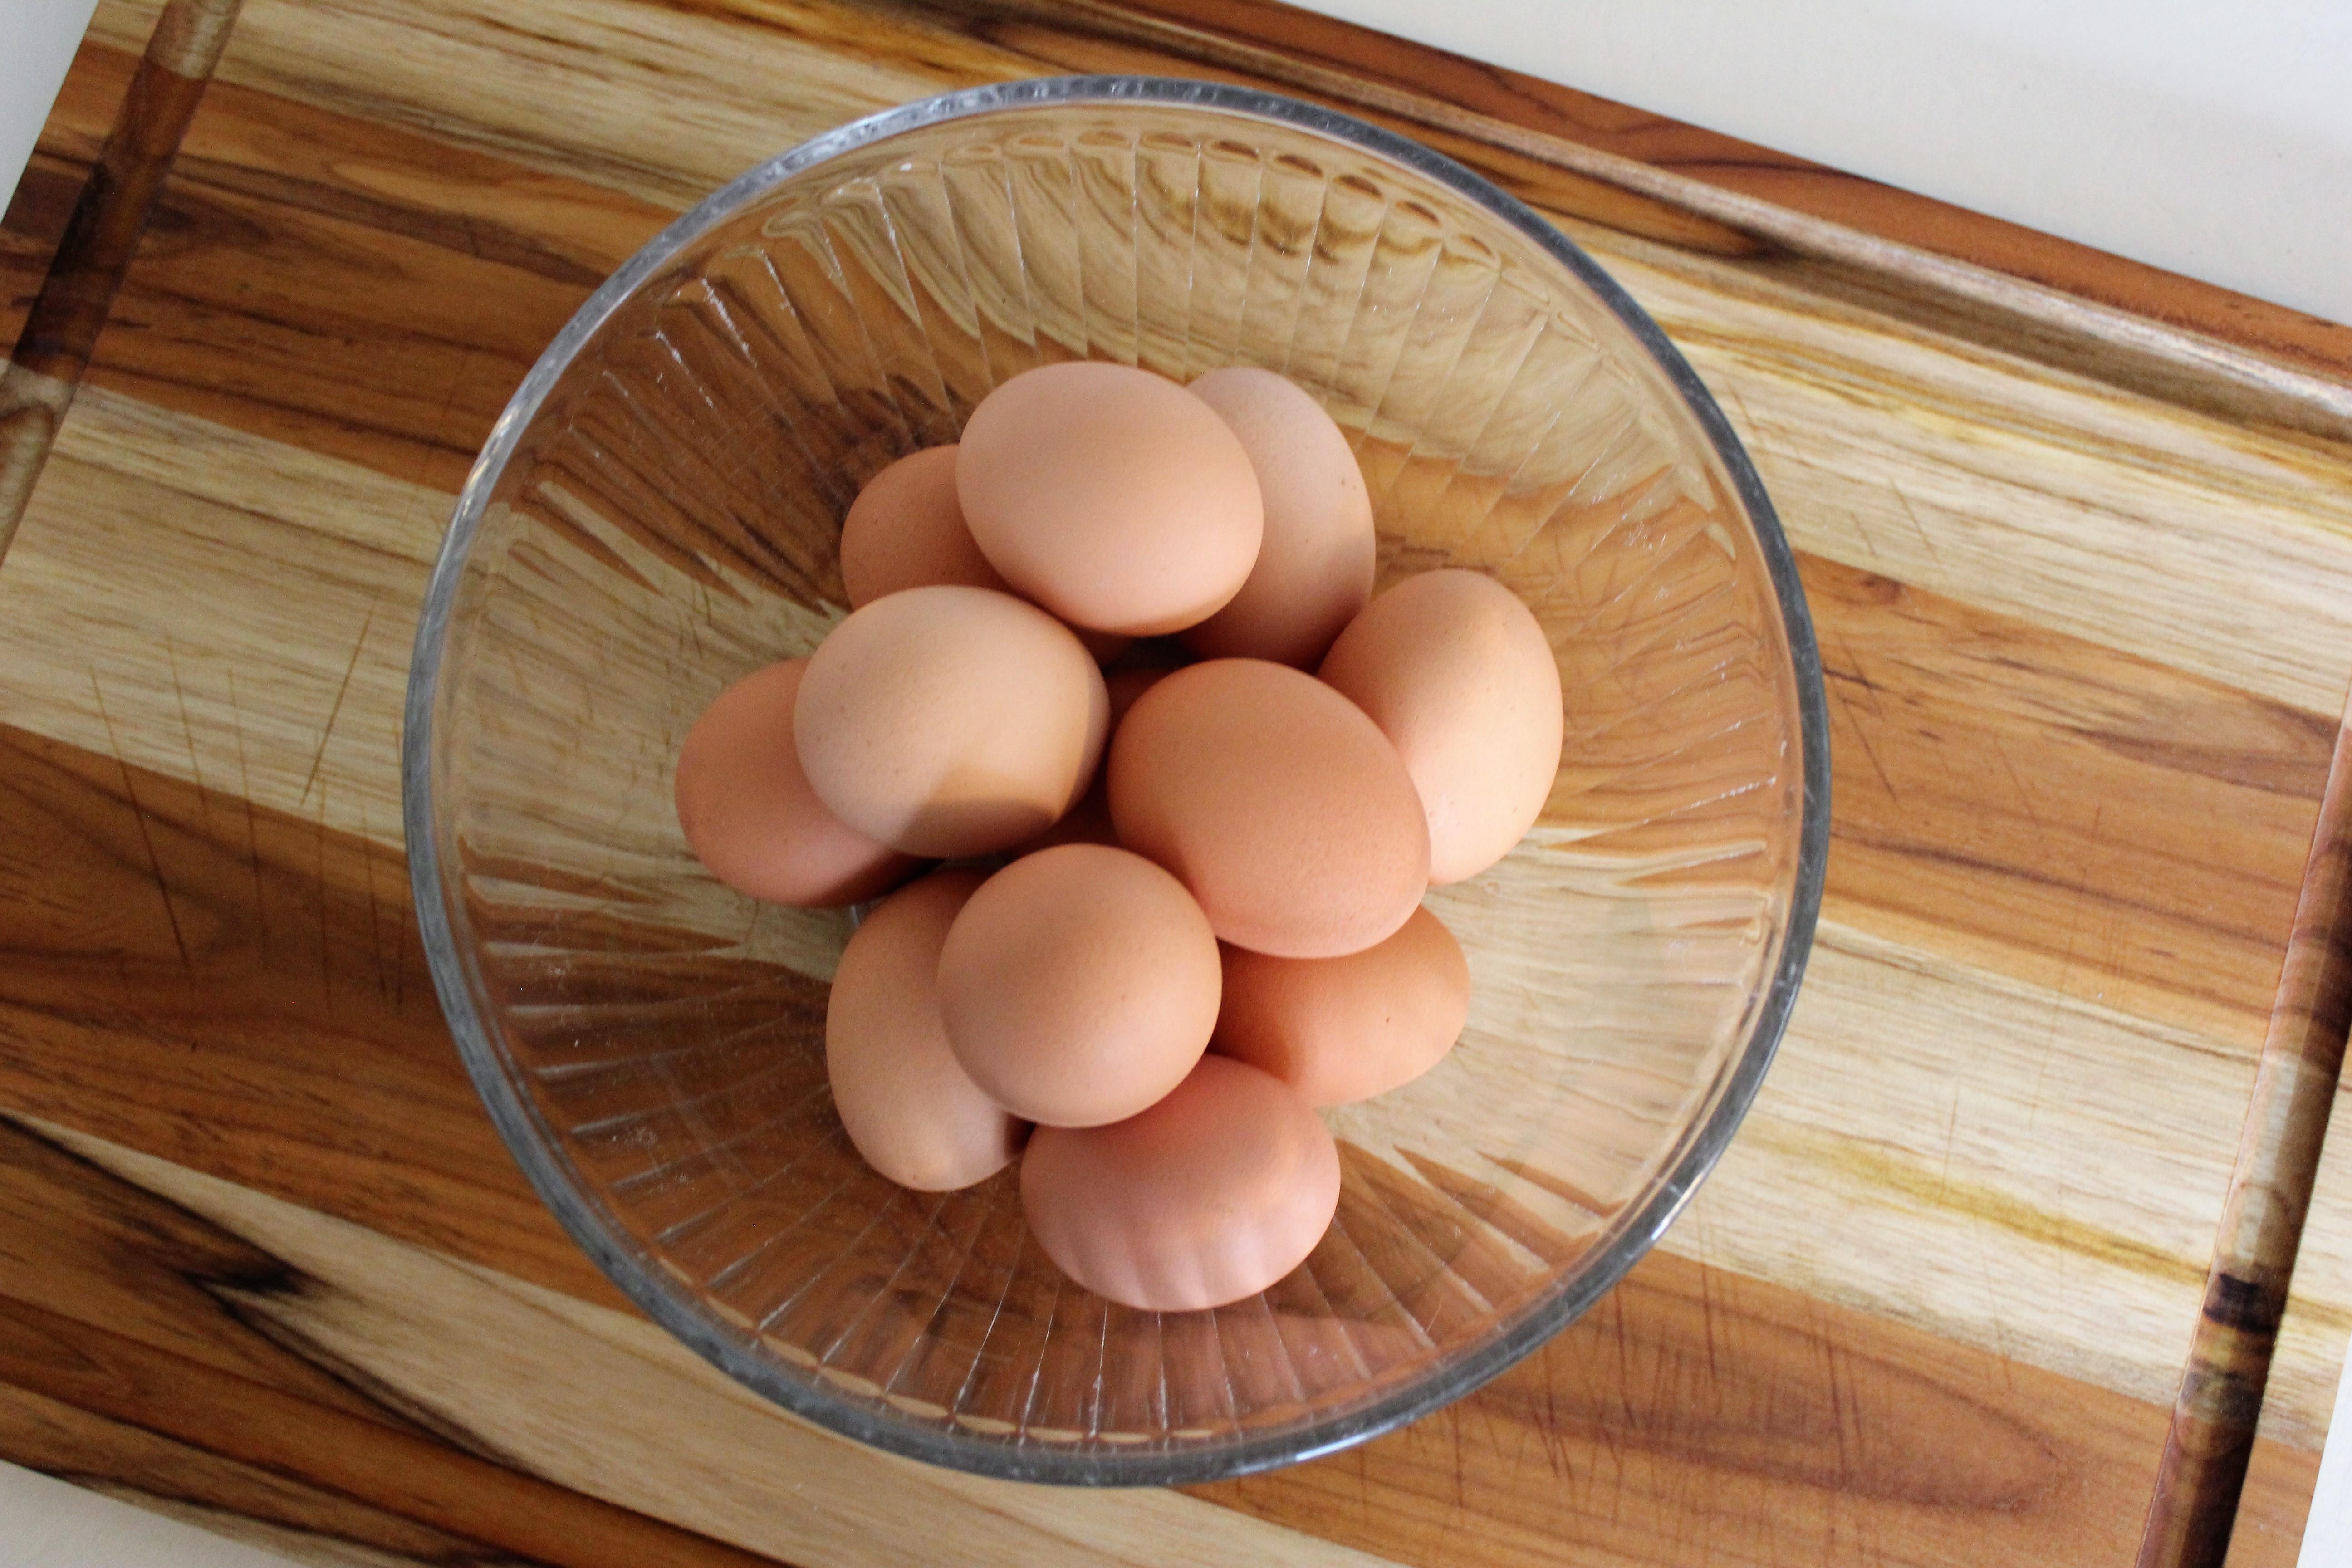 3 Dozen Spring Egg Share